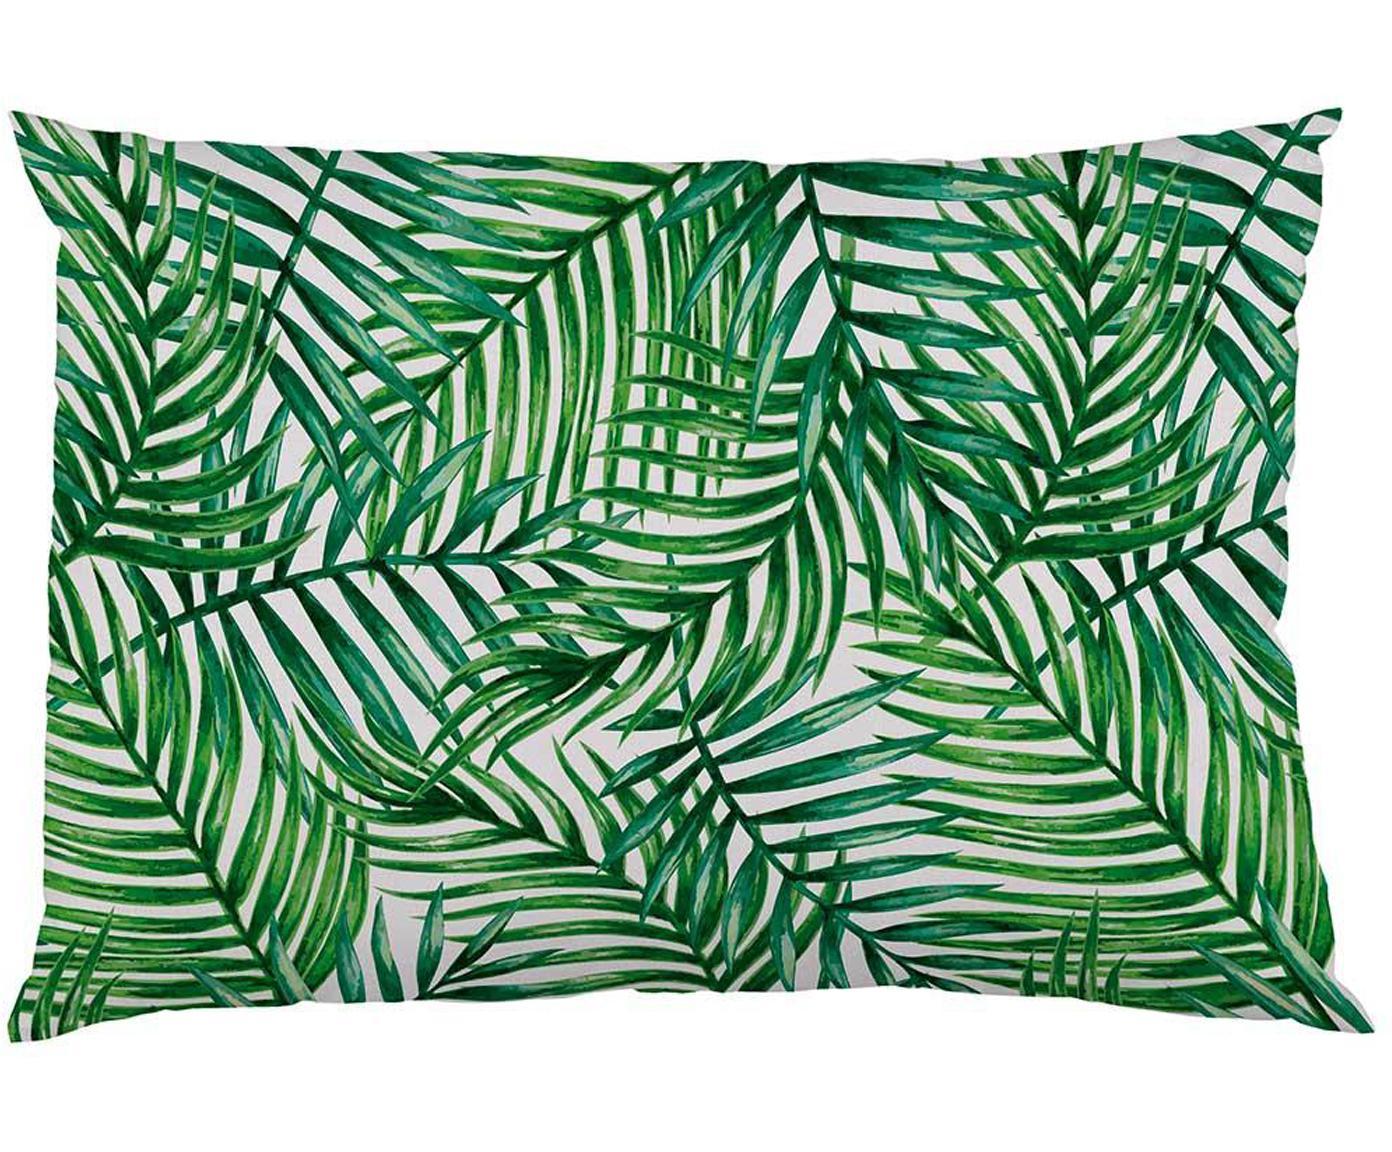 Cojín de exterior Bali, con relleno, Funda: fibra acrílica con teflon, Multicolor, An 30 x L 45 cm